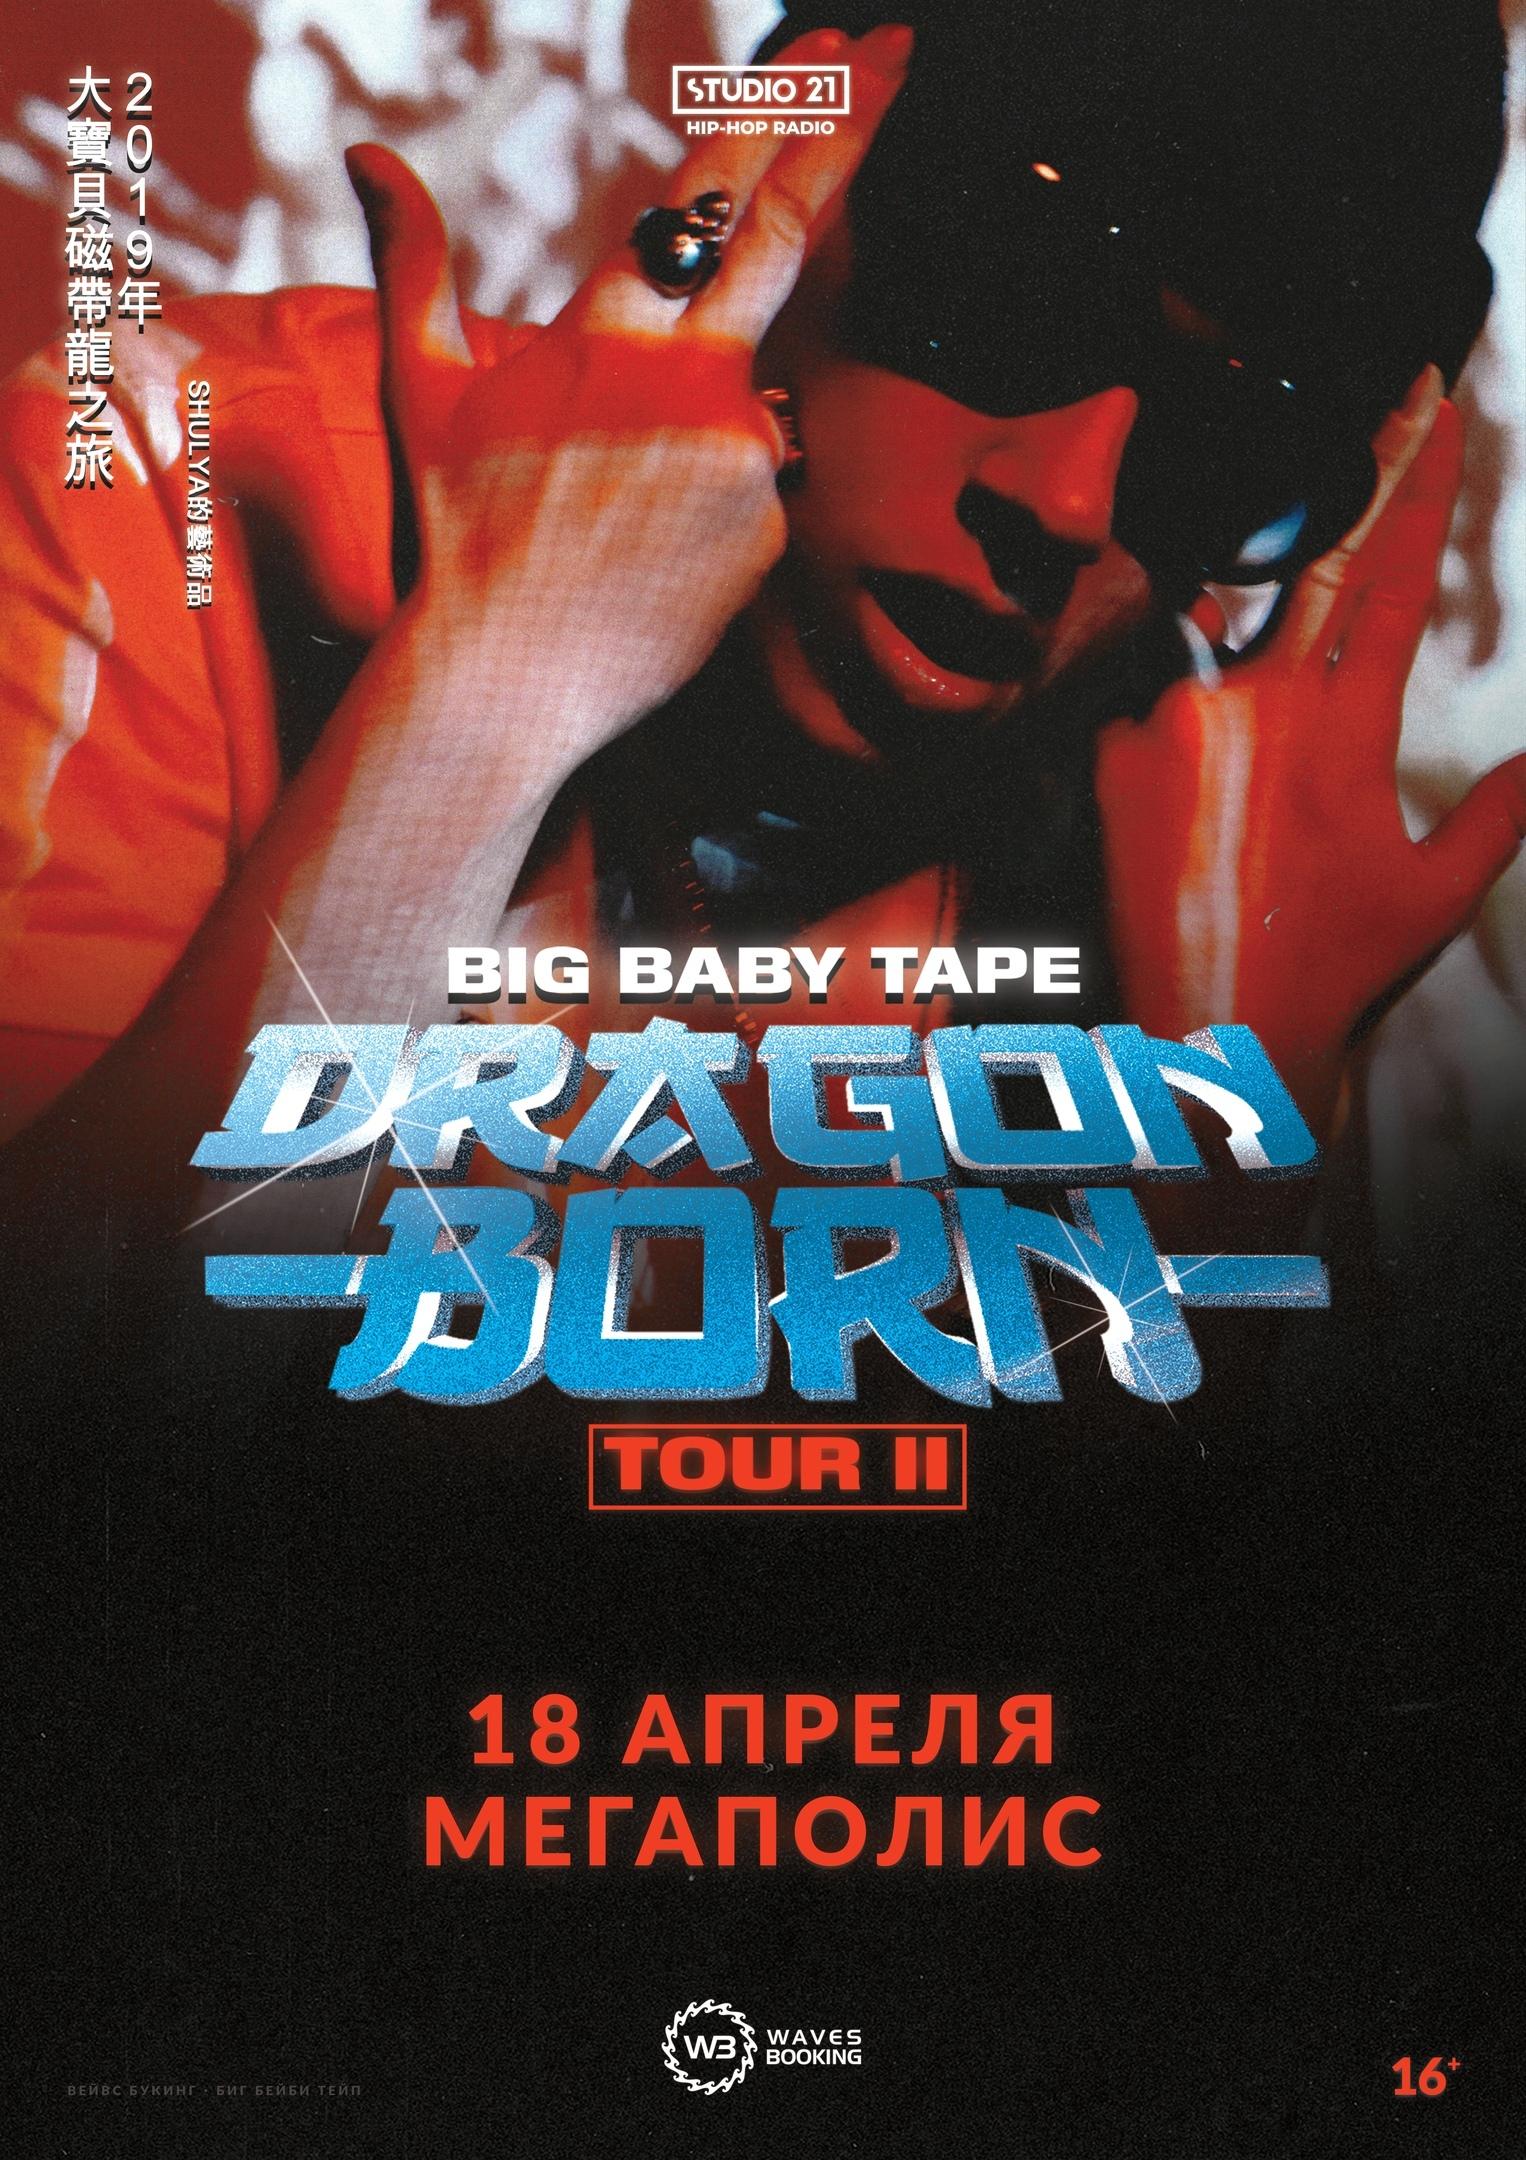 Мега дискотека в Липецке 18 апреля 2019.